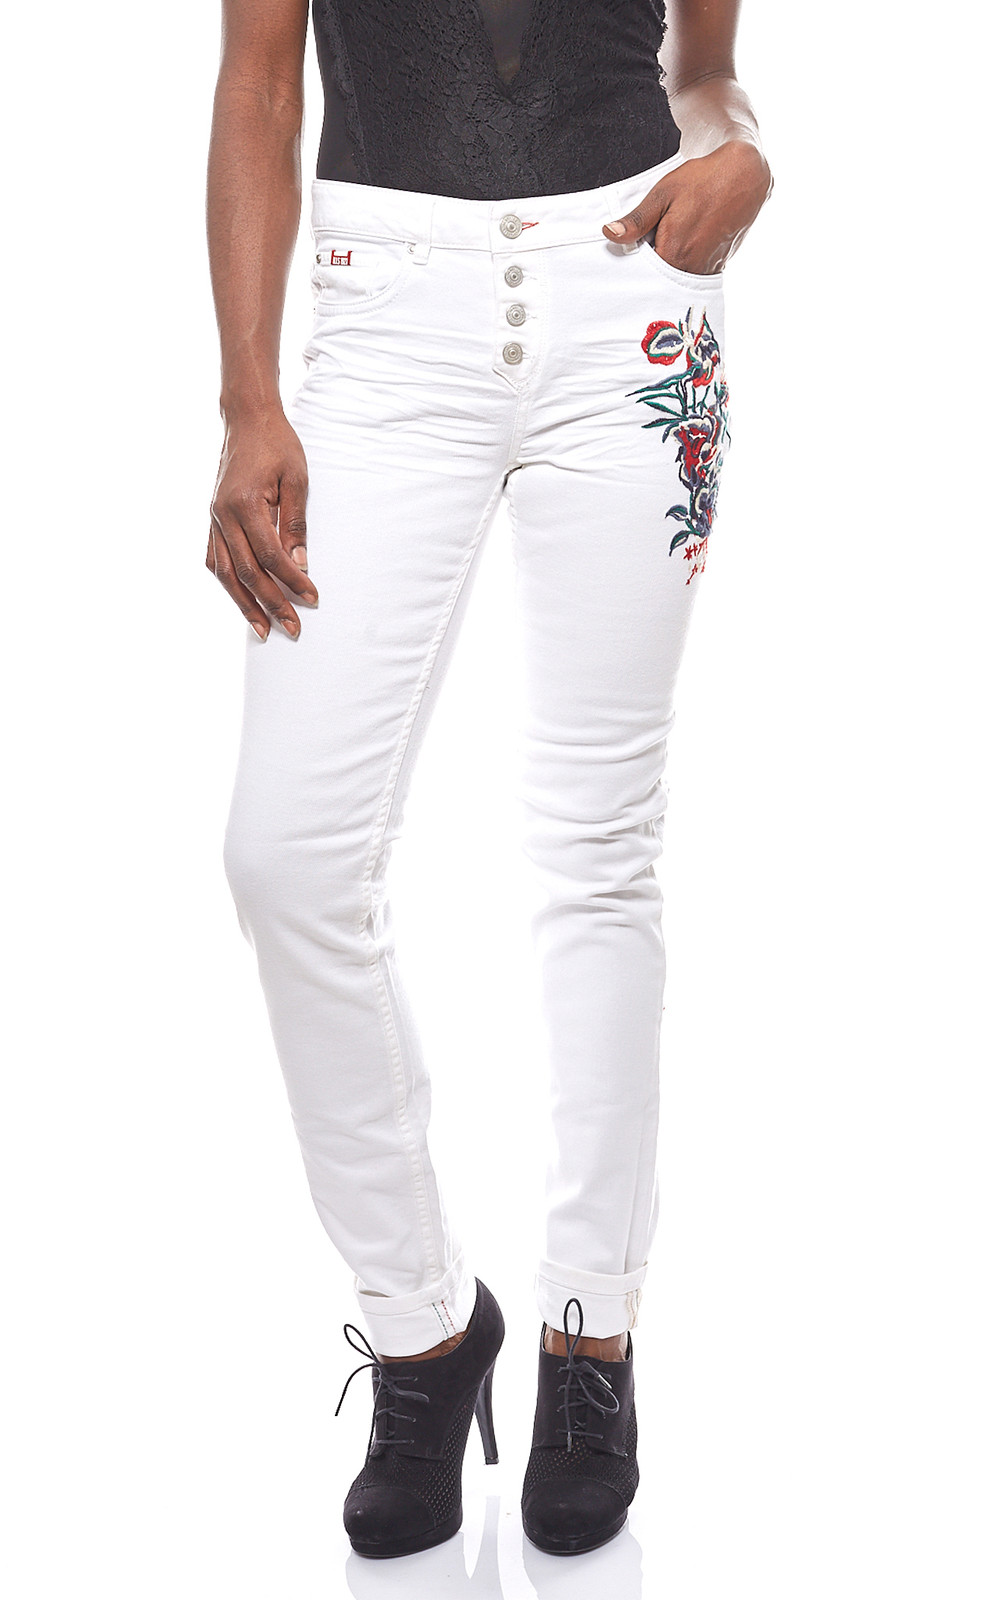 H Damen Hose Blumenstickereien sAngesagte i Mit WeißB2b Jeans rCBdxeWQo